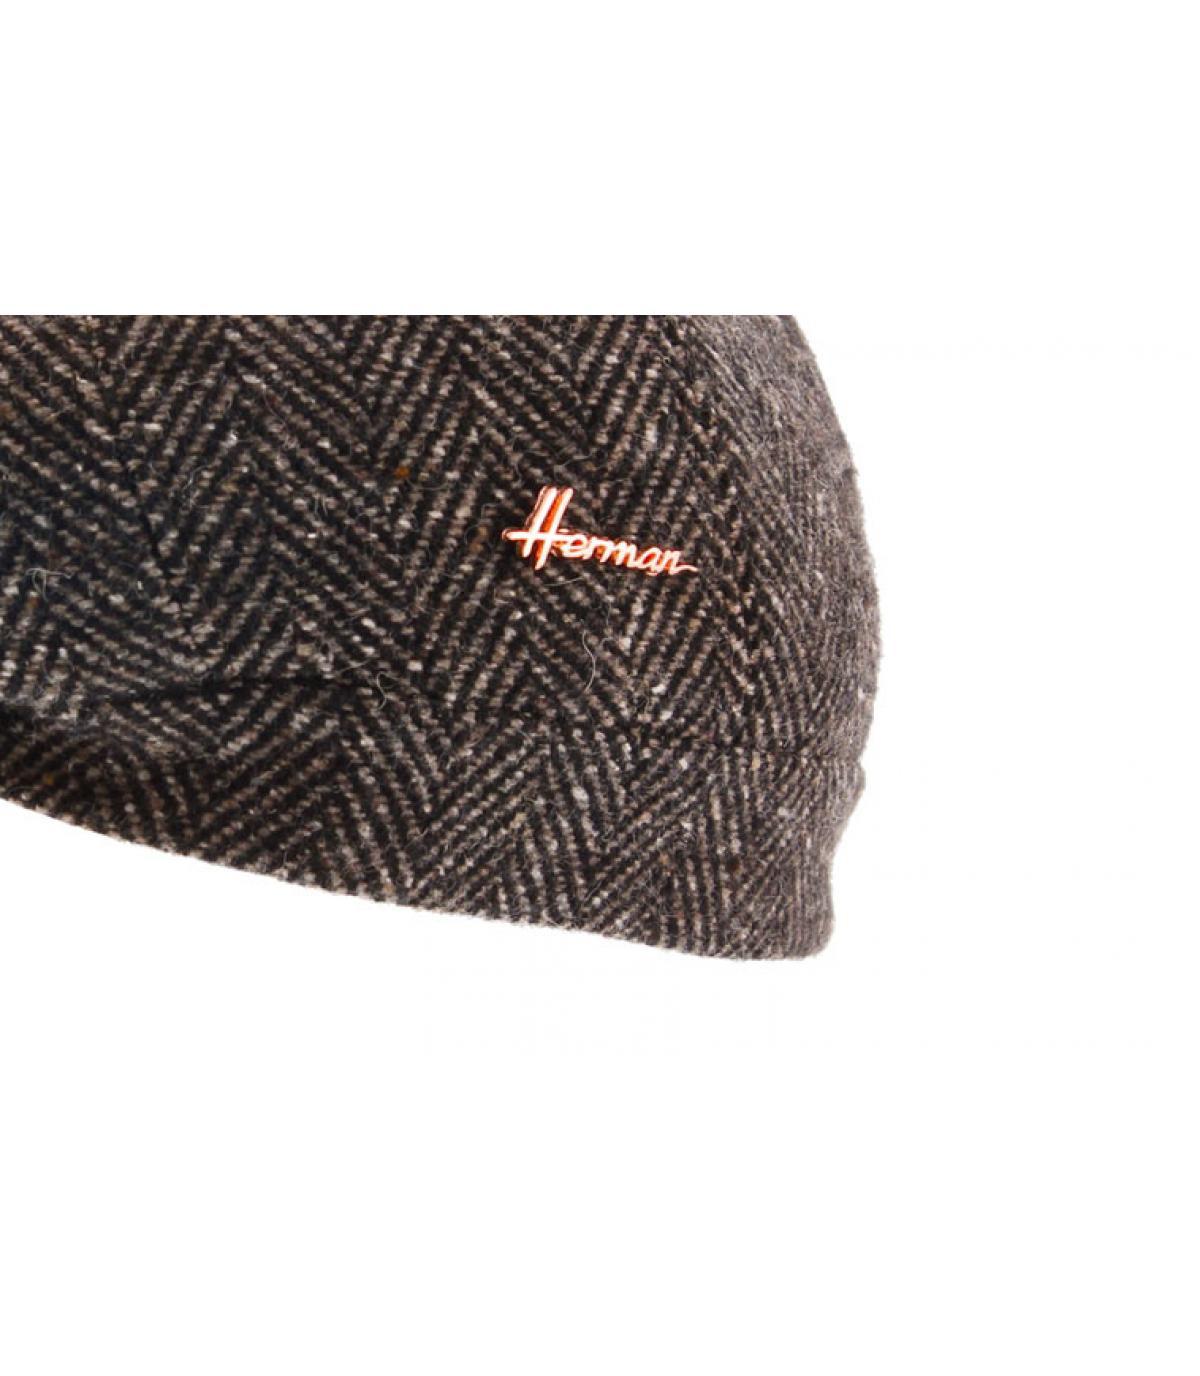 Details Advancer Wool brown - Abbildung 3